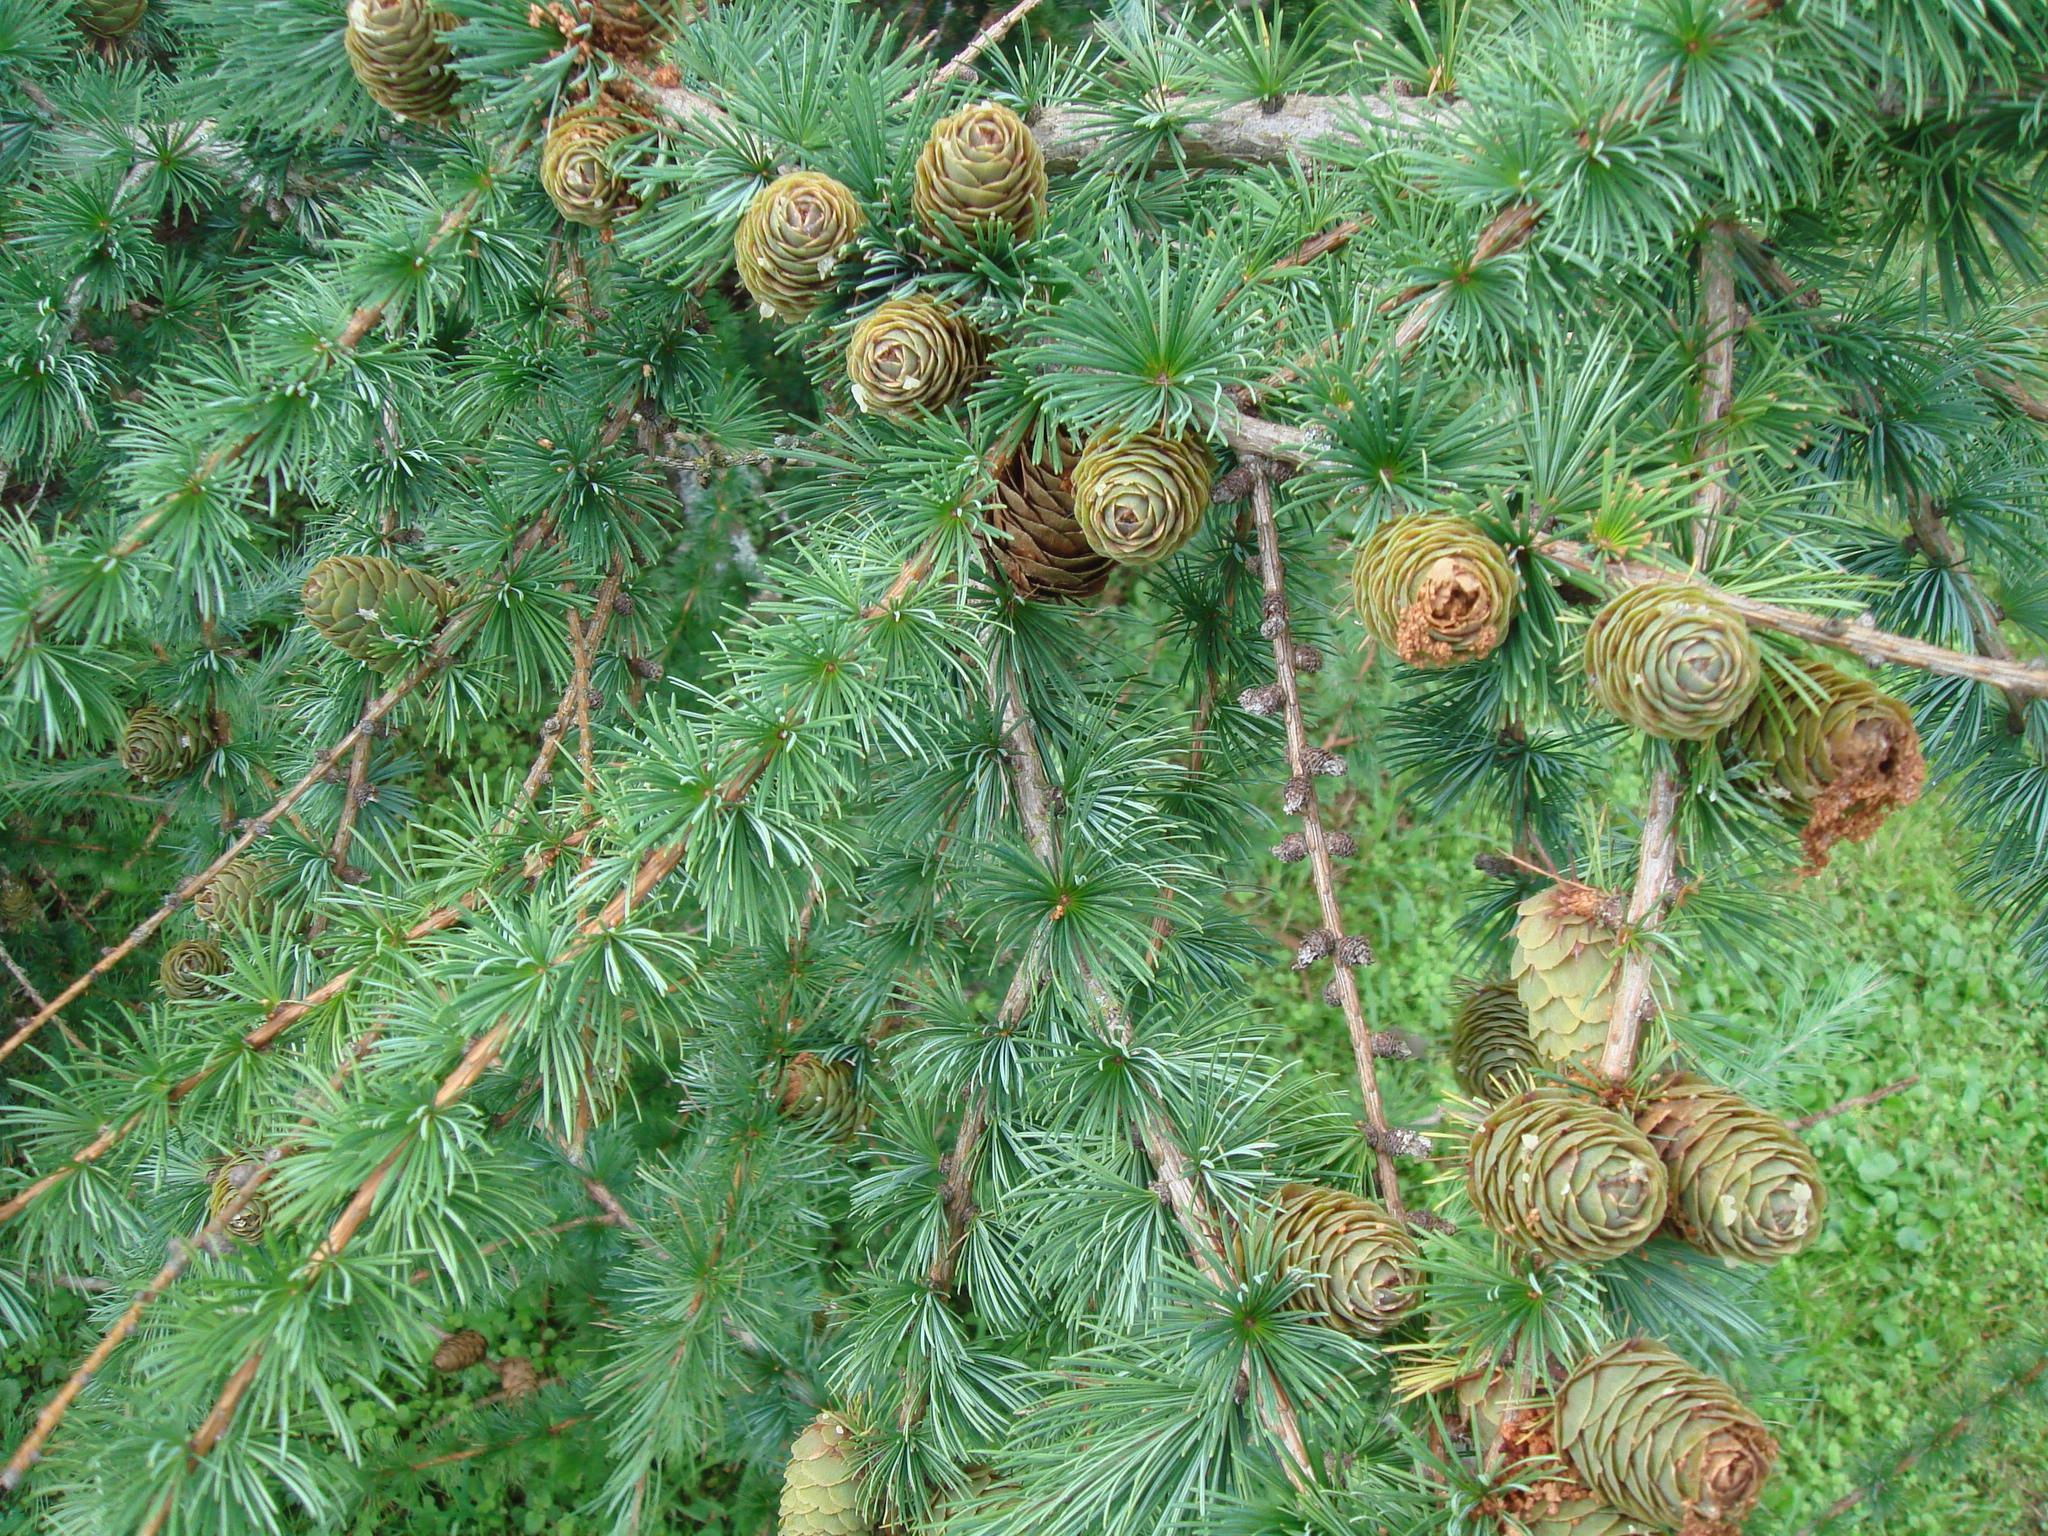 Тополь это лиственное дерево или хвойное